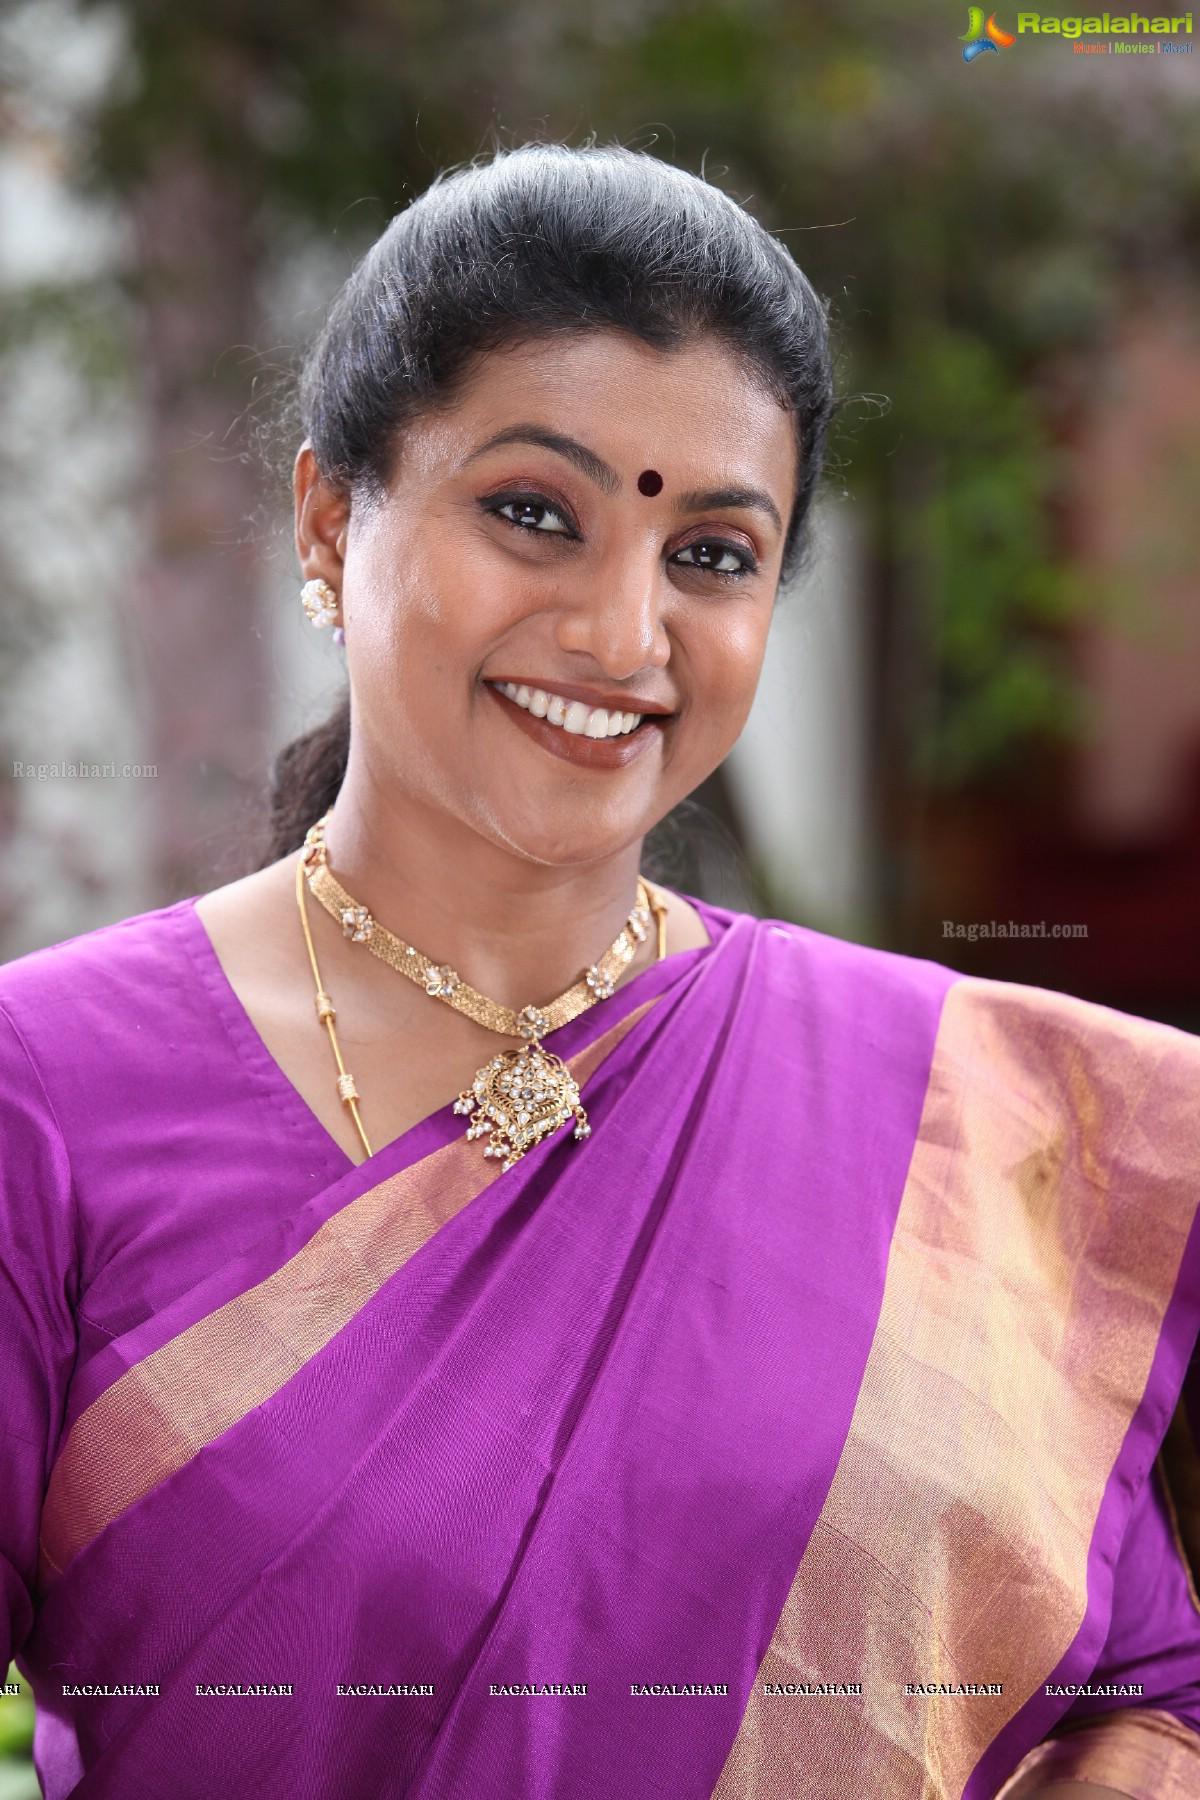 roja selvamani image 11 tollywood actress images images photos